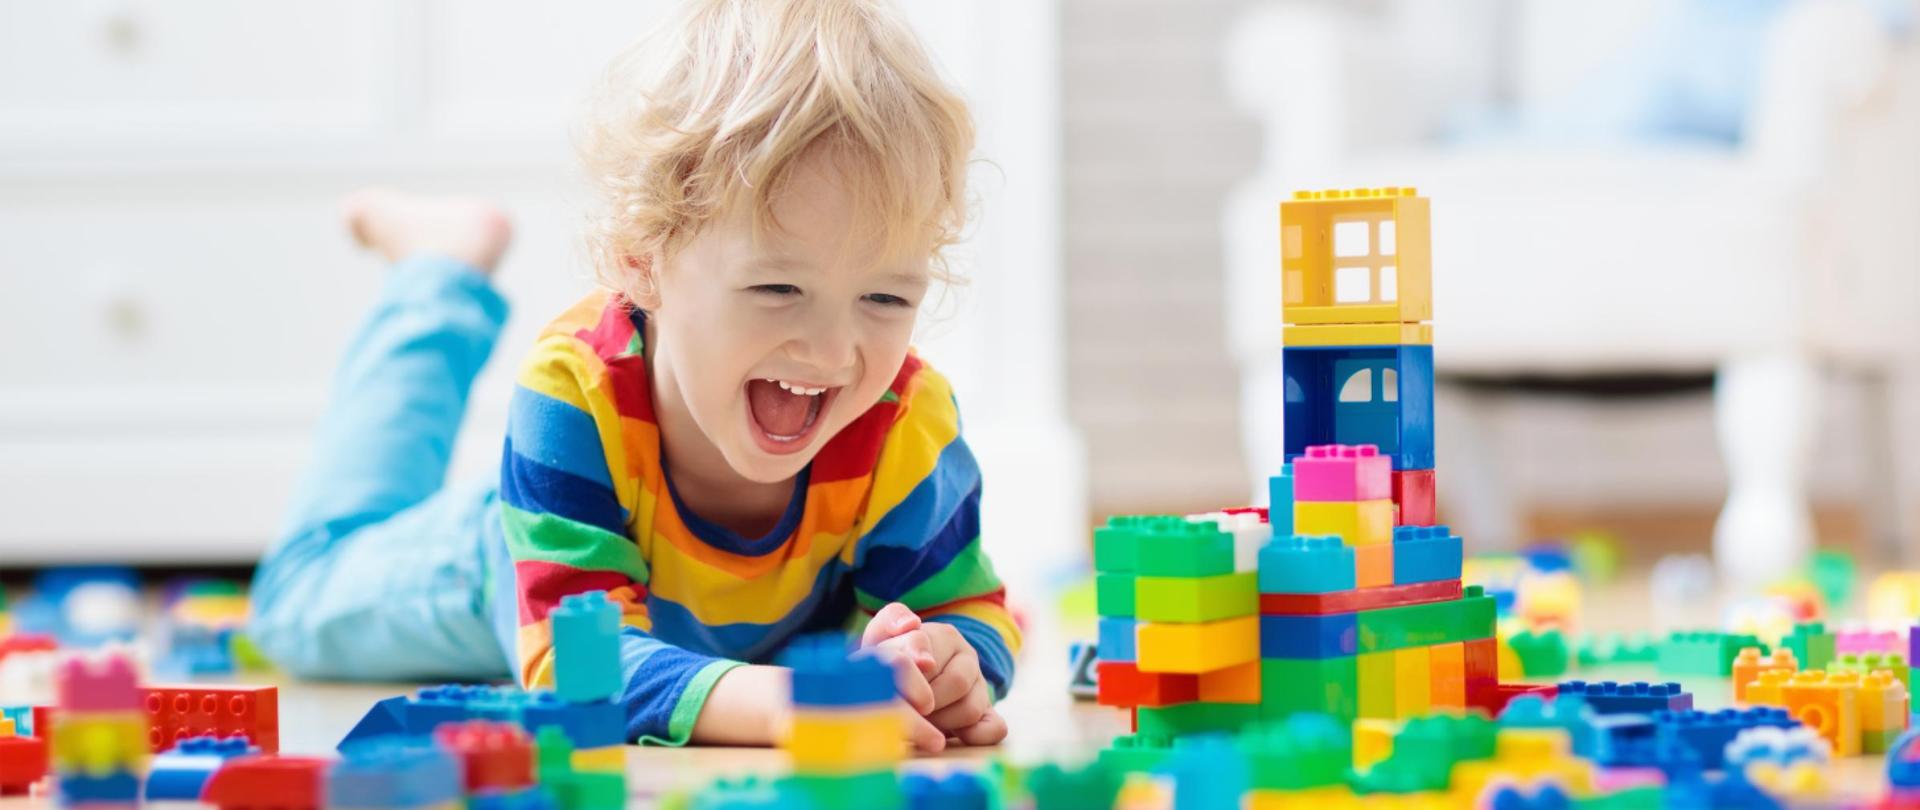 Dziecko bawiące się klockami.